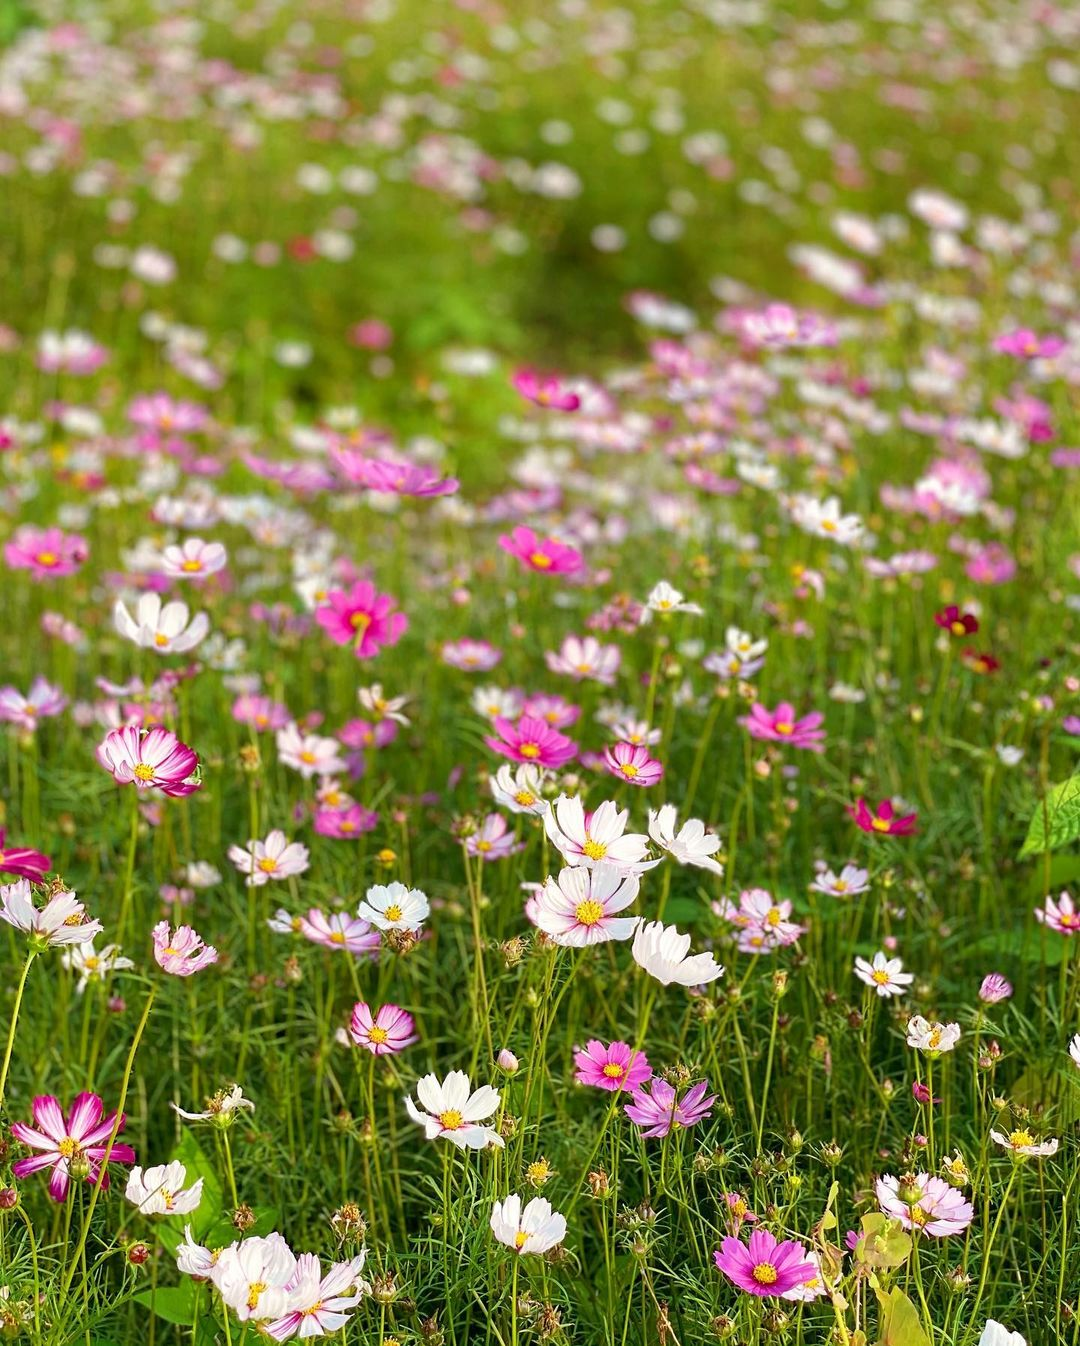 想打卡歐洲感的郊外聖地,走到花田的中間被千朵粉紅格桑花包圍,寫意地影靚相啦📸(圖片來源:IG@ca3sandra)